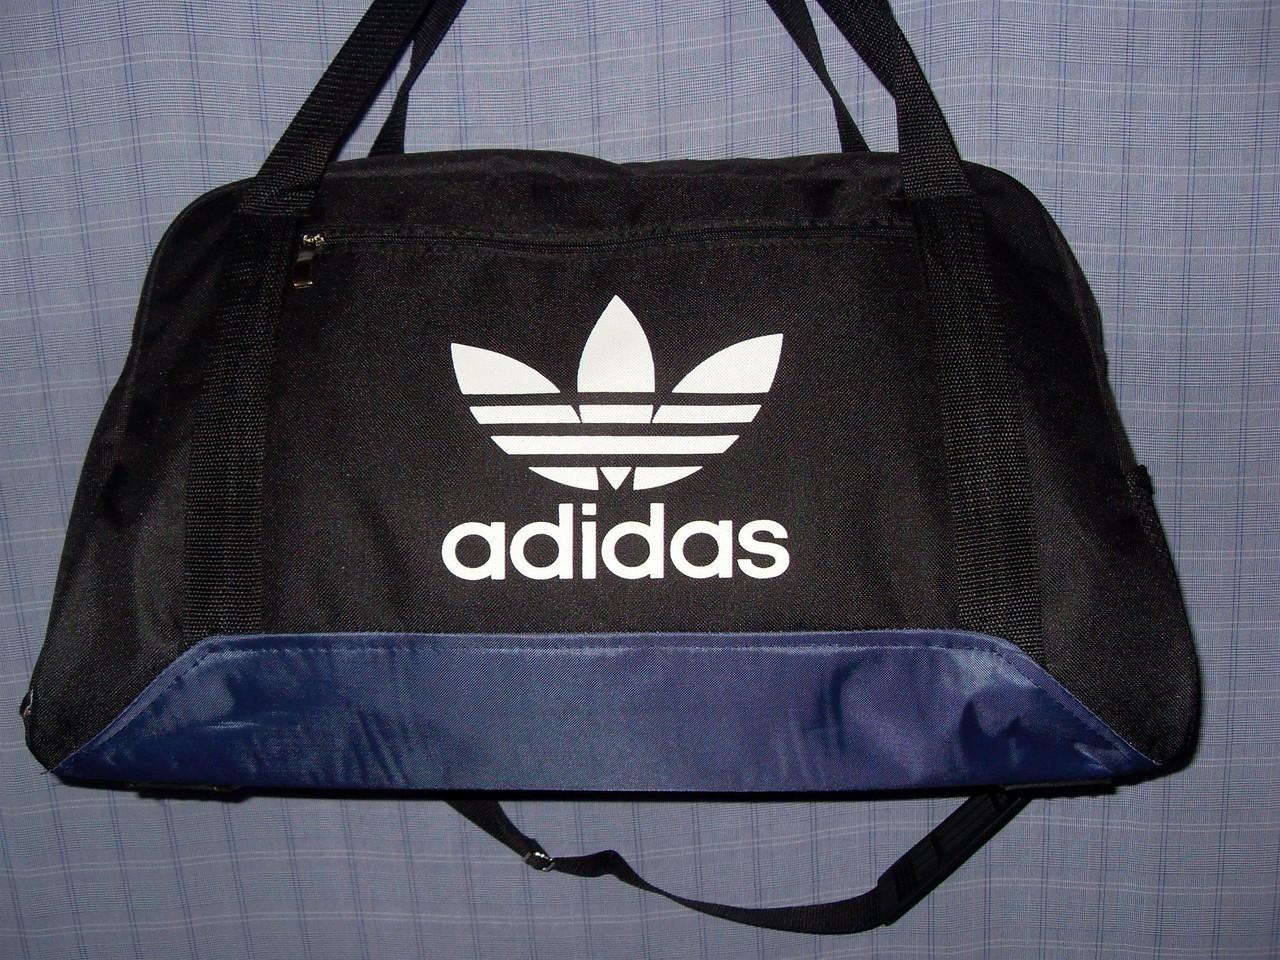 4a69d5040cab Багажная сумка Adidas 013676 большая (55х33х22, см) черная с синим спортивная  копия текстиль